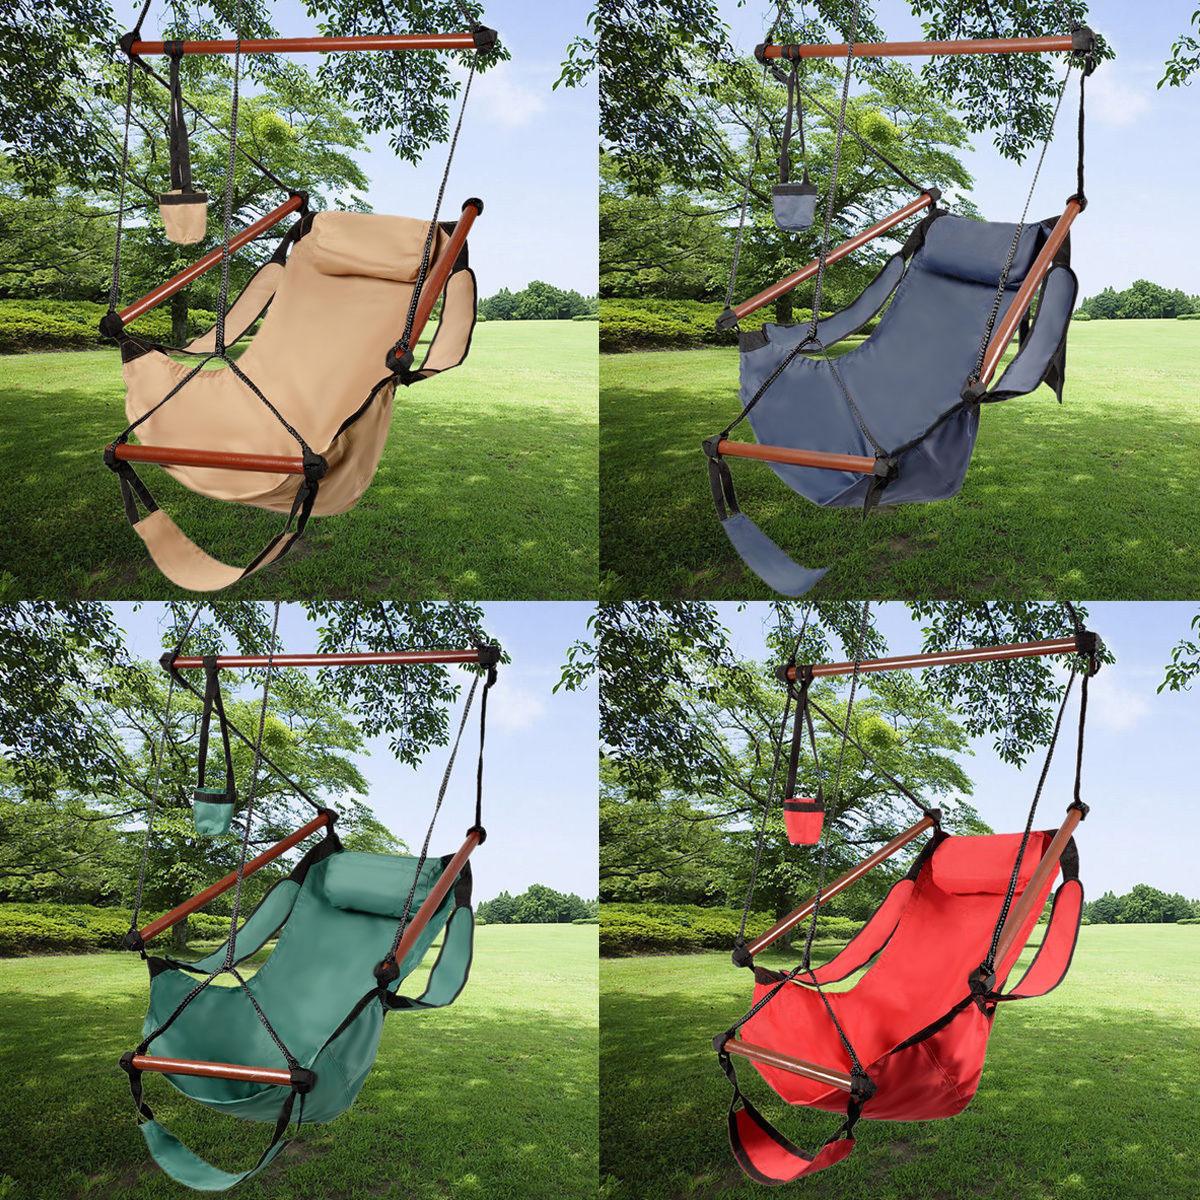 Costway Outdoor Indoor Hammock Hanging Chair Air Deluxe Sky Swing Chair  Solid Wood 250lb (Tan)   Walmart.com